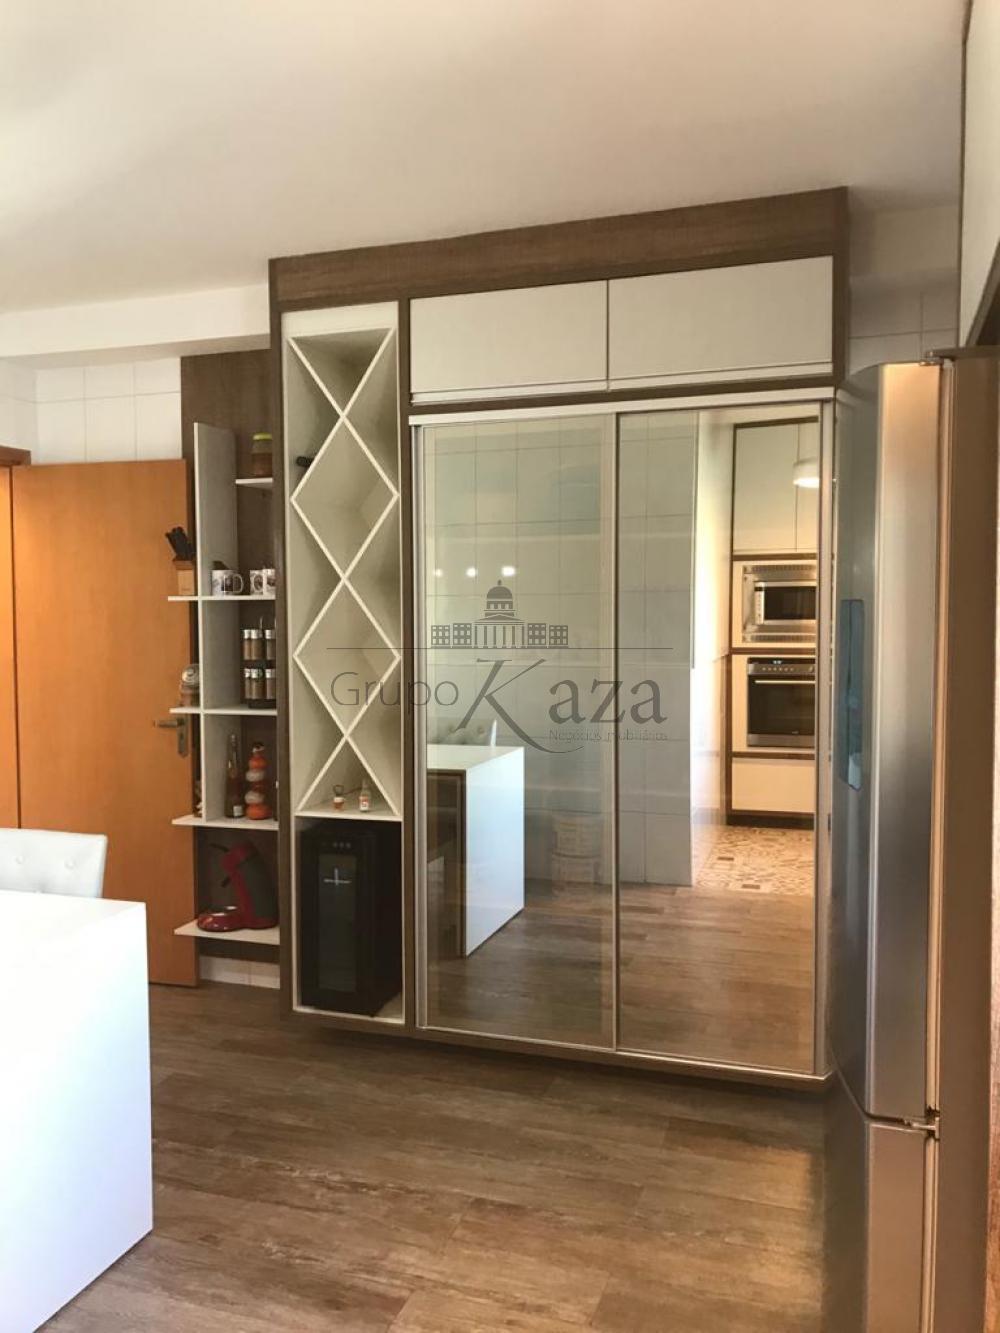 Comprar Apartamento / Padrão em São José dos Campos R$ 815.000,00 - Foto 10